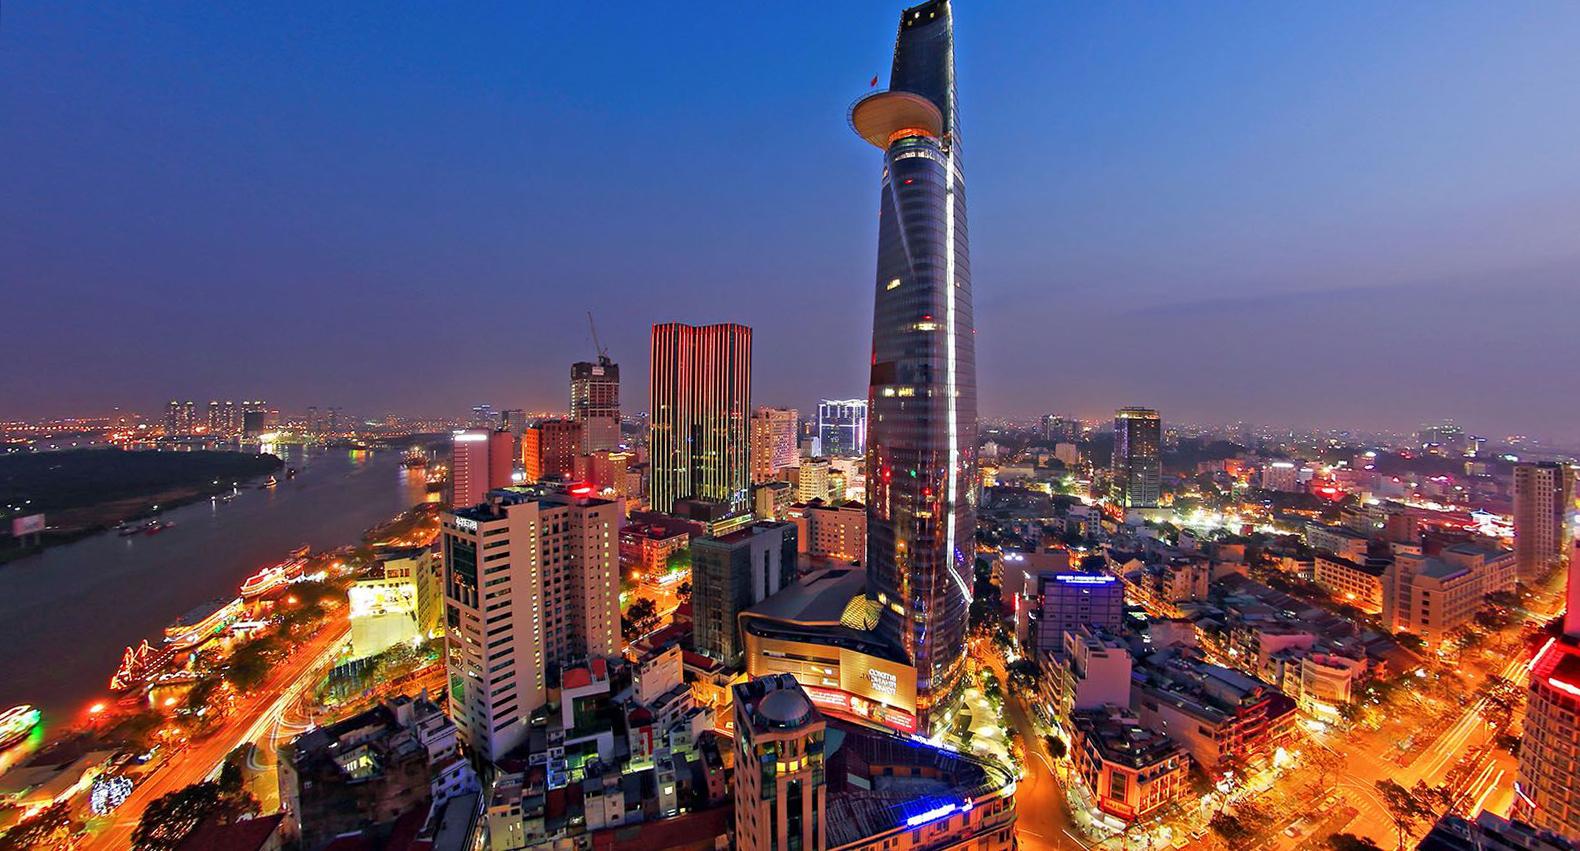 будущем фото вьетнама сайгон день